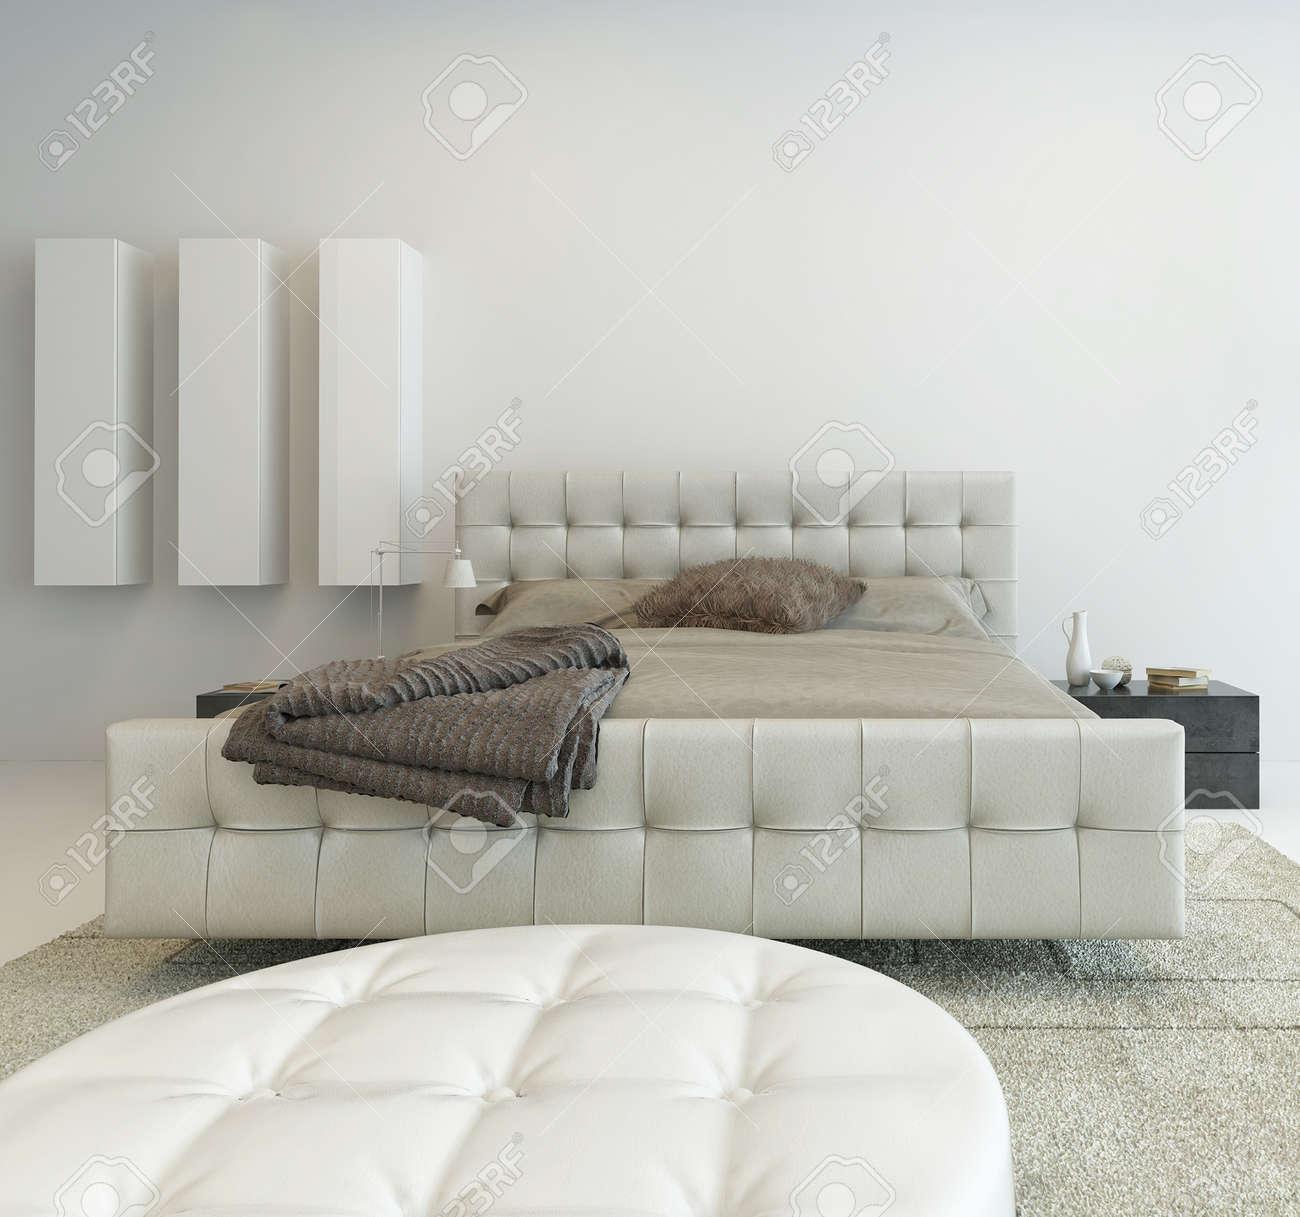 interieur de chambre a coucher blanc lumineux avec de beaux meubles